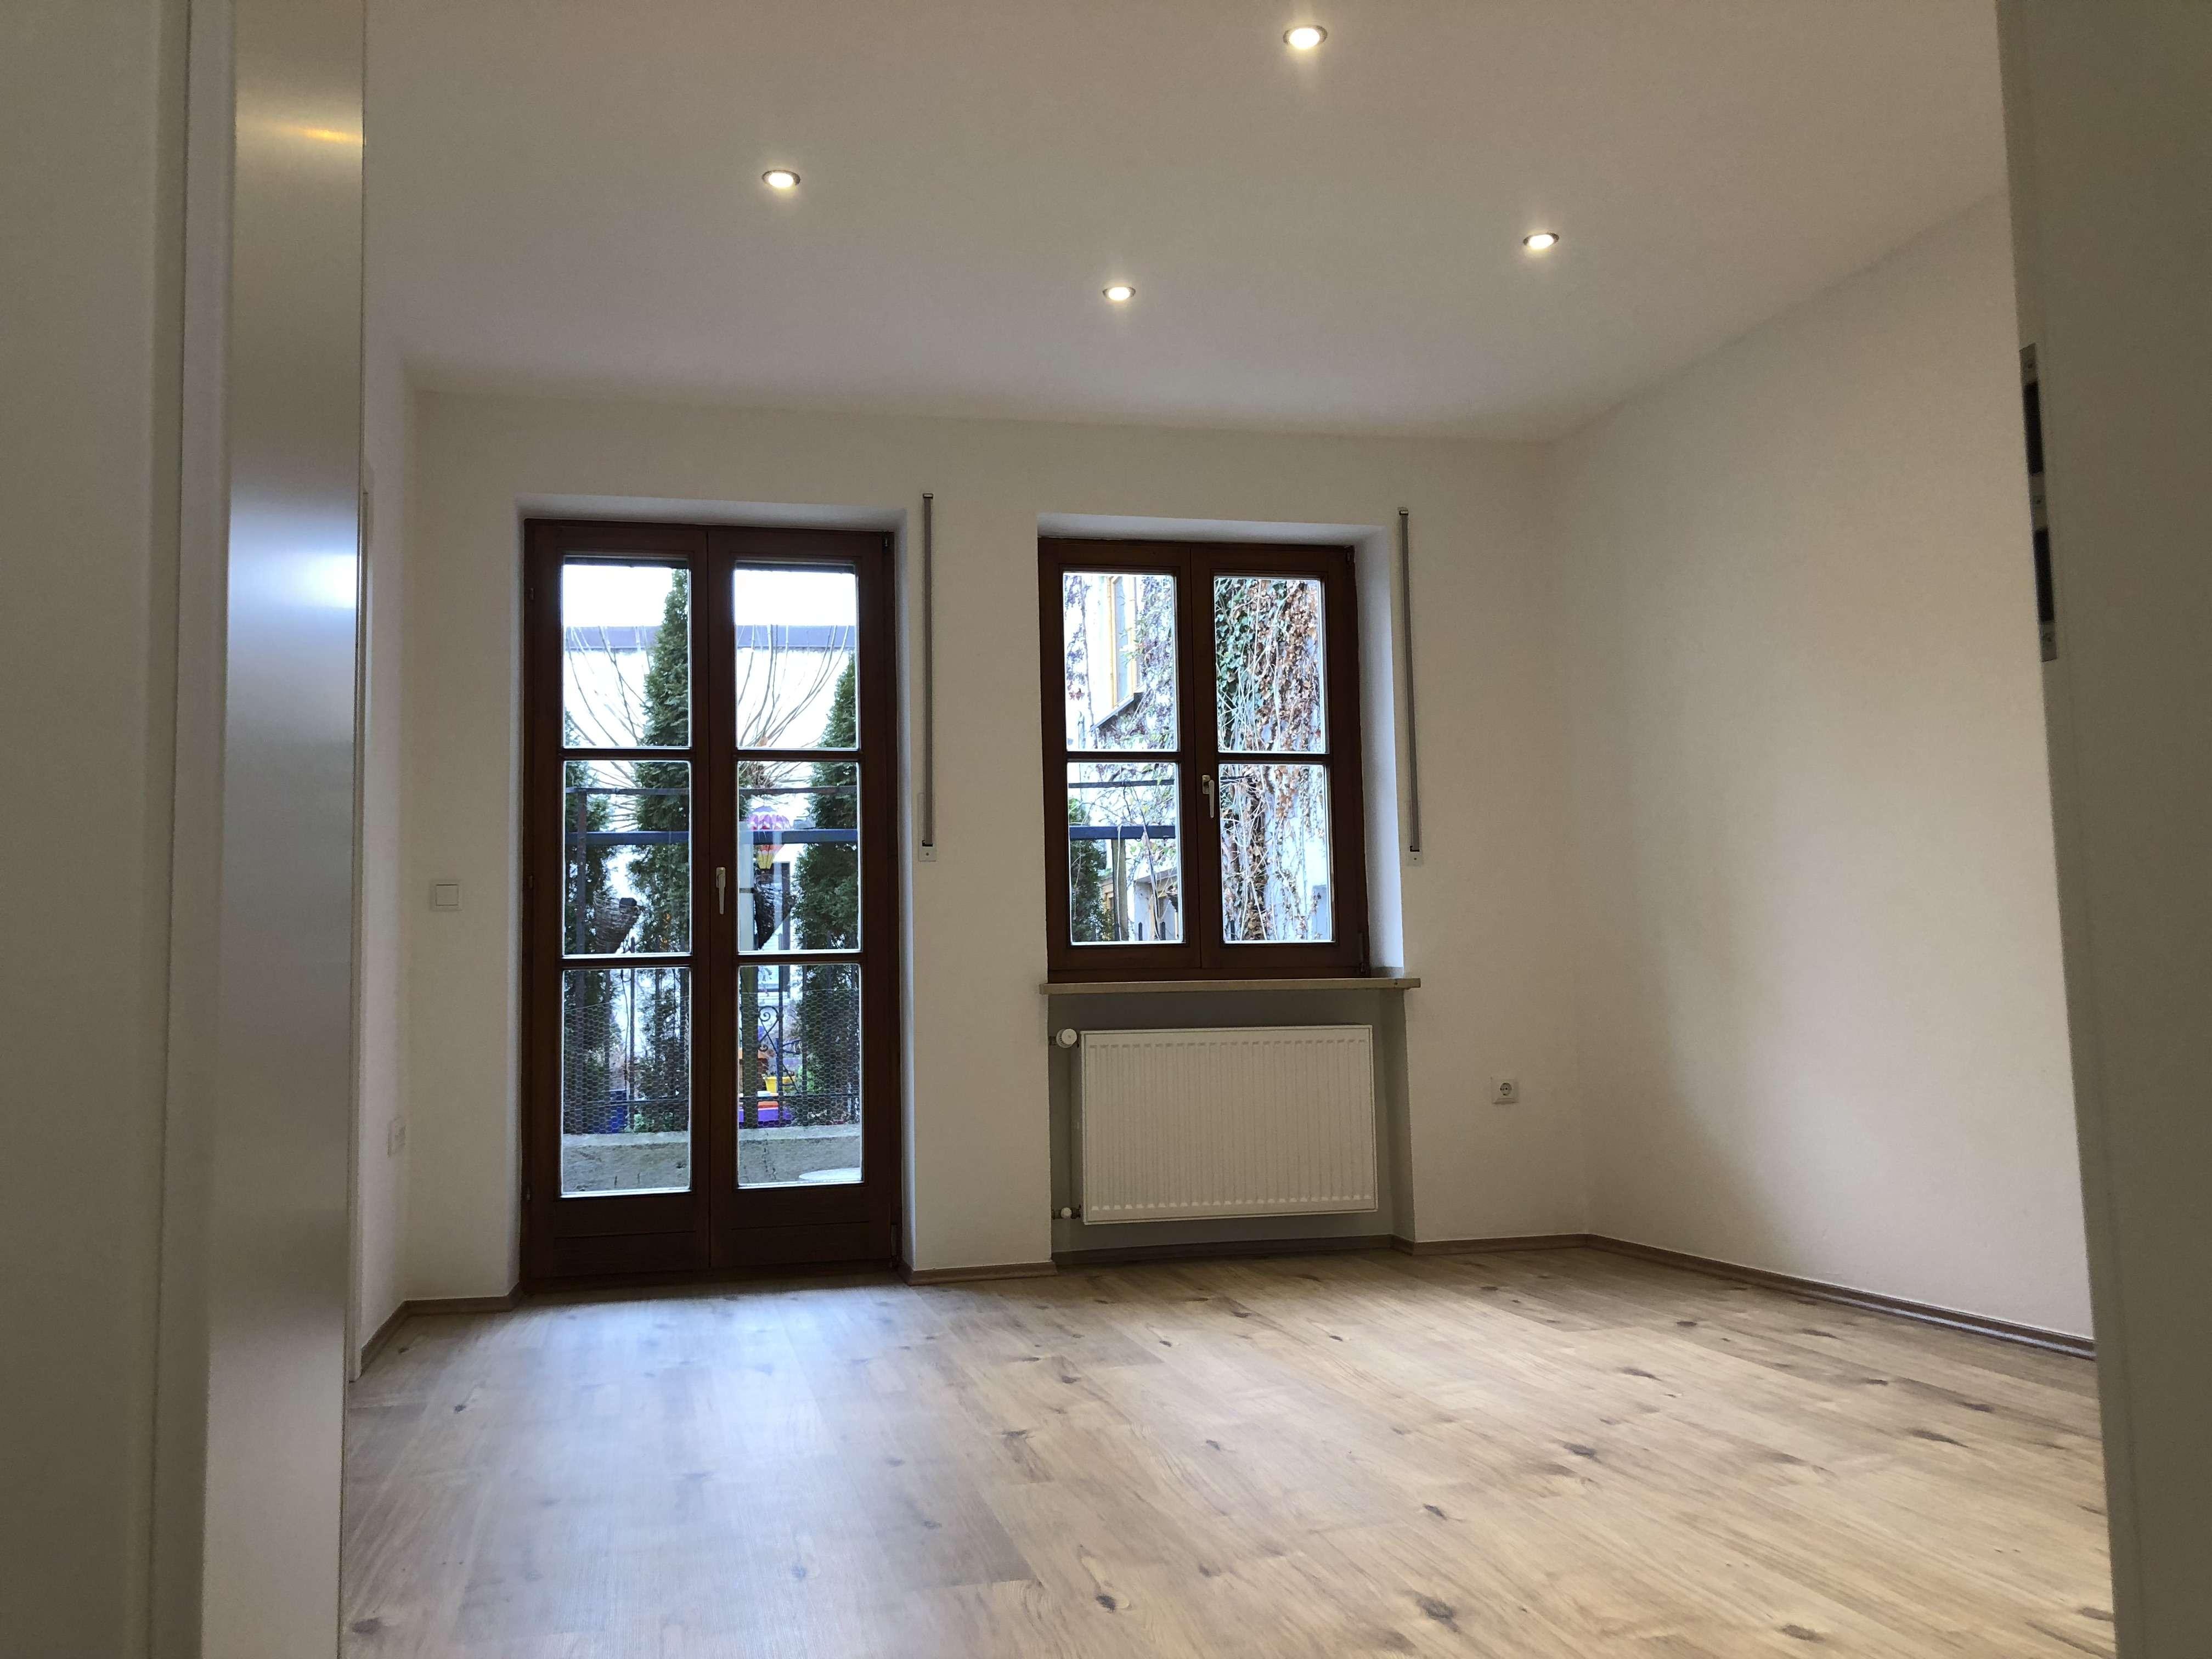 Neu renovierte 1,5-Zimmer-Wohnung TOP-Lage mit Terasse in Landshut (Freyung) in Altstadt (Landshut)